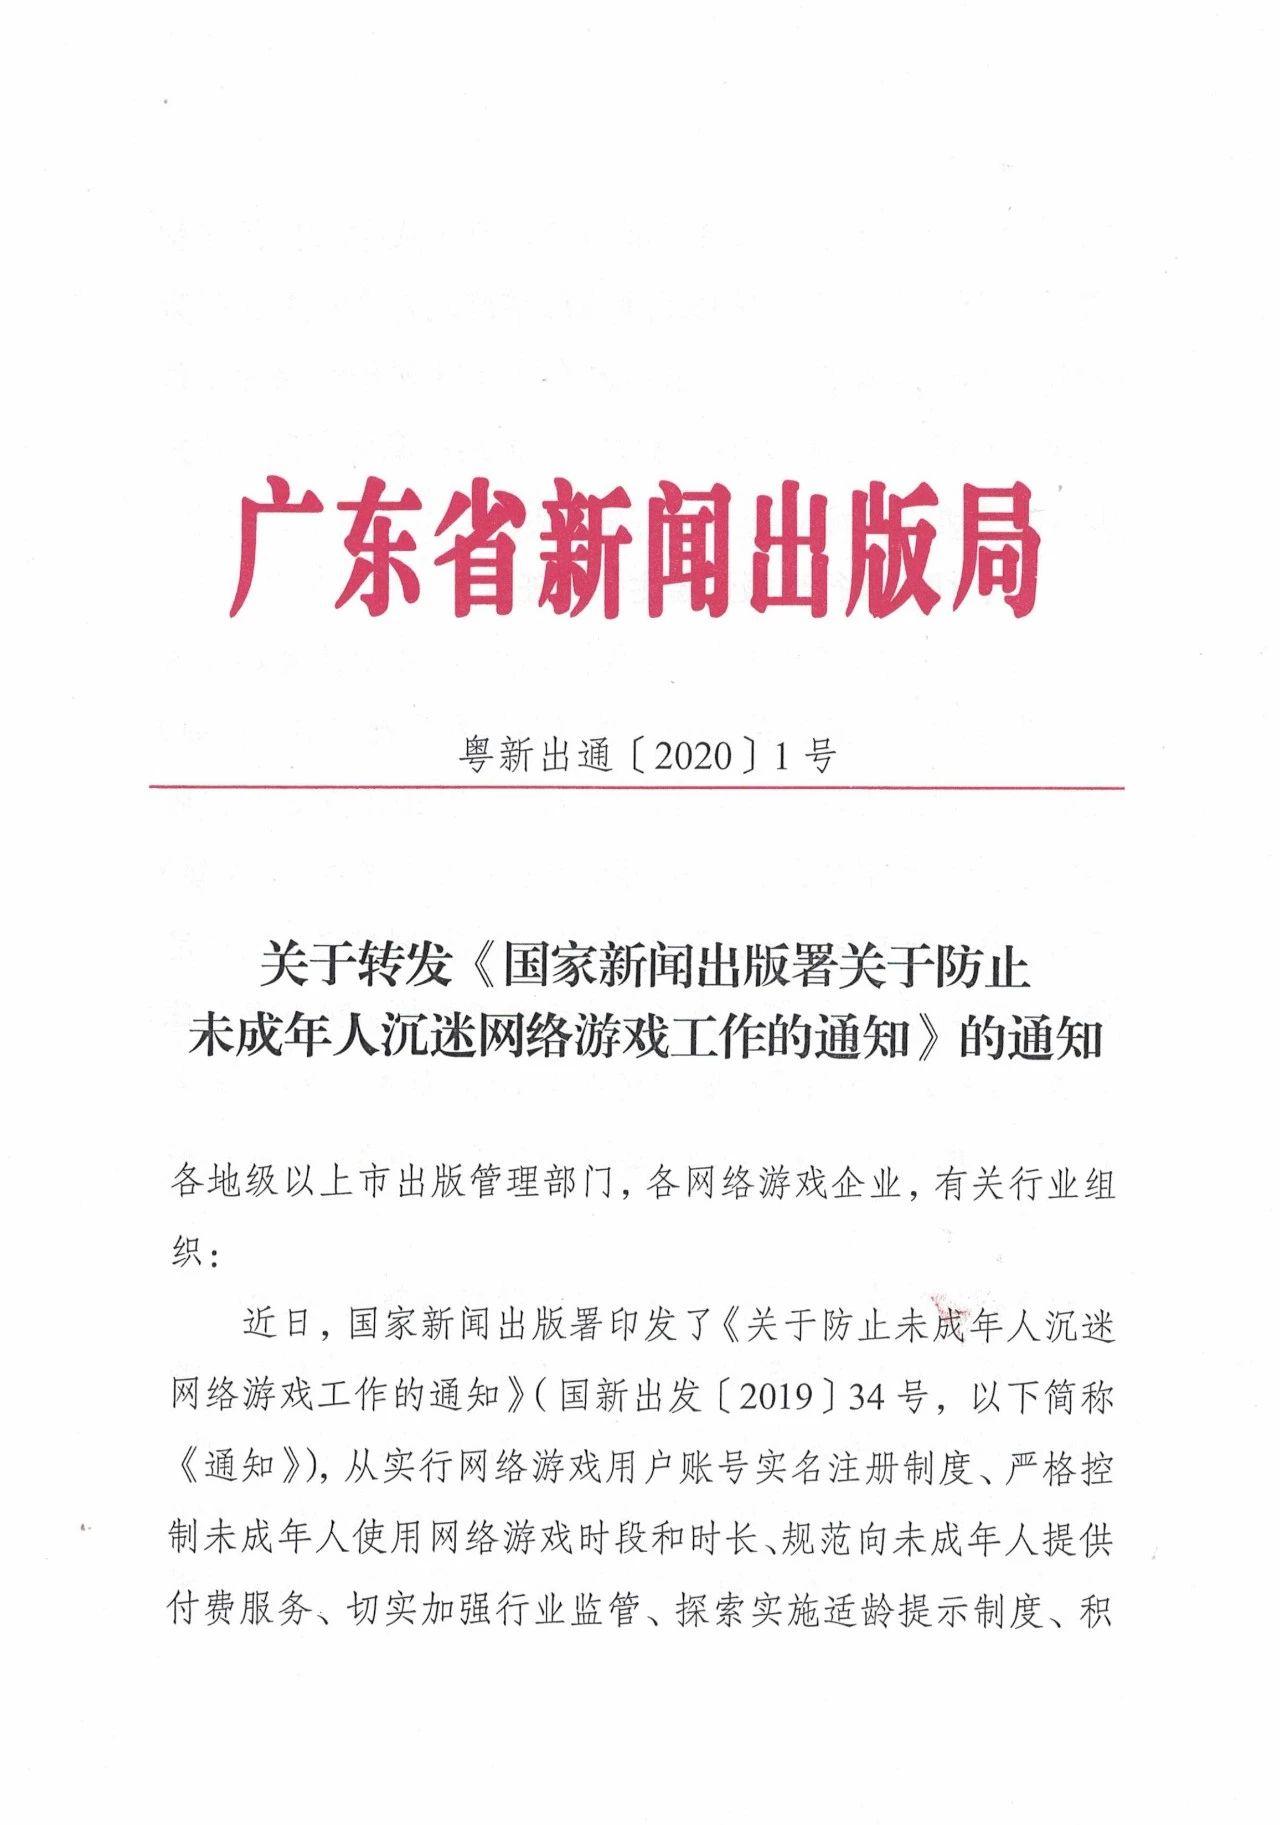 广东省新闻出版局对《关于防止未成年人沉迷网络游戏工作的通知》发布落实意见:两大时间节点值得关注